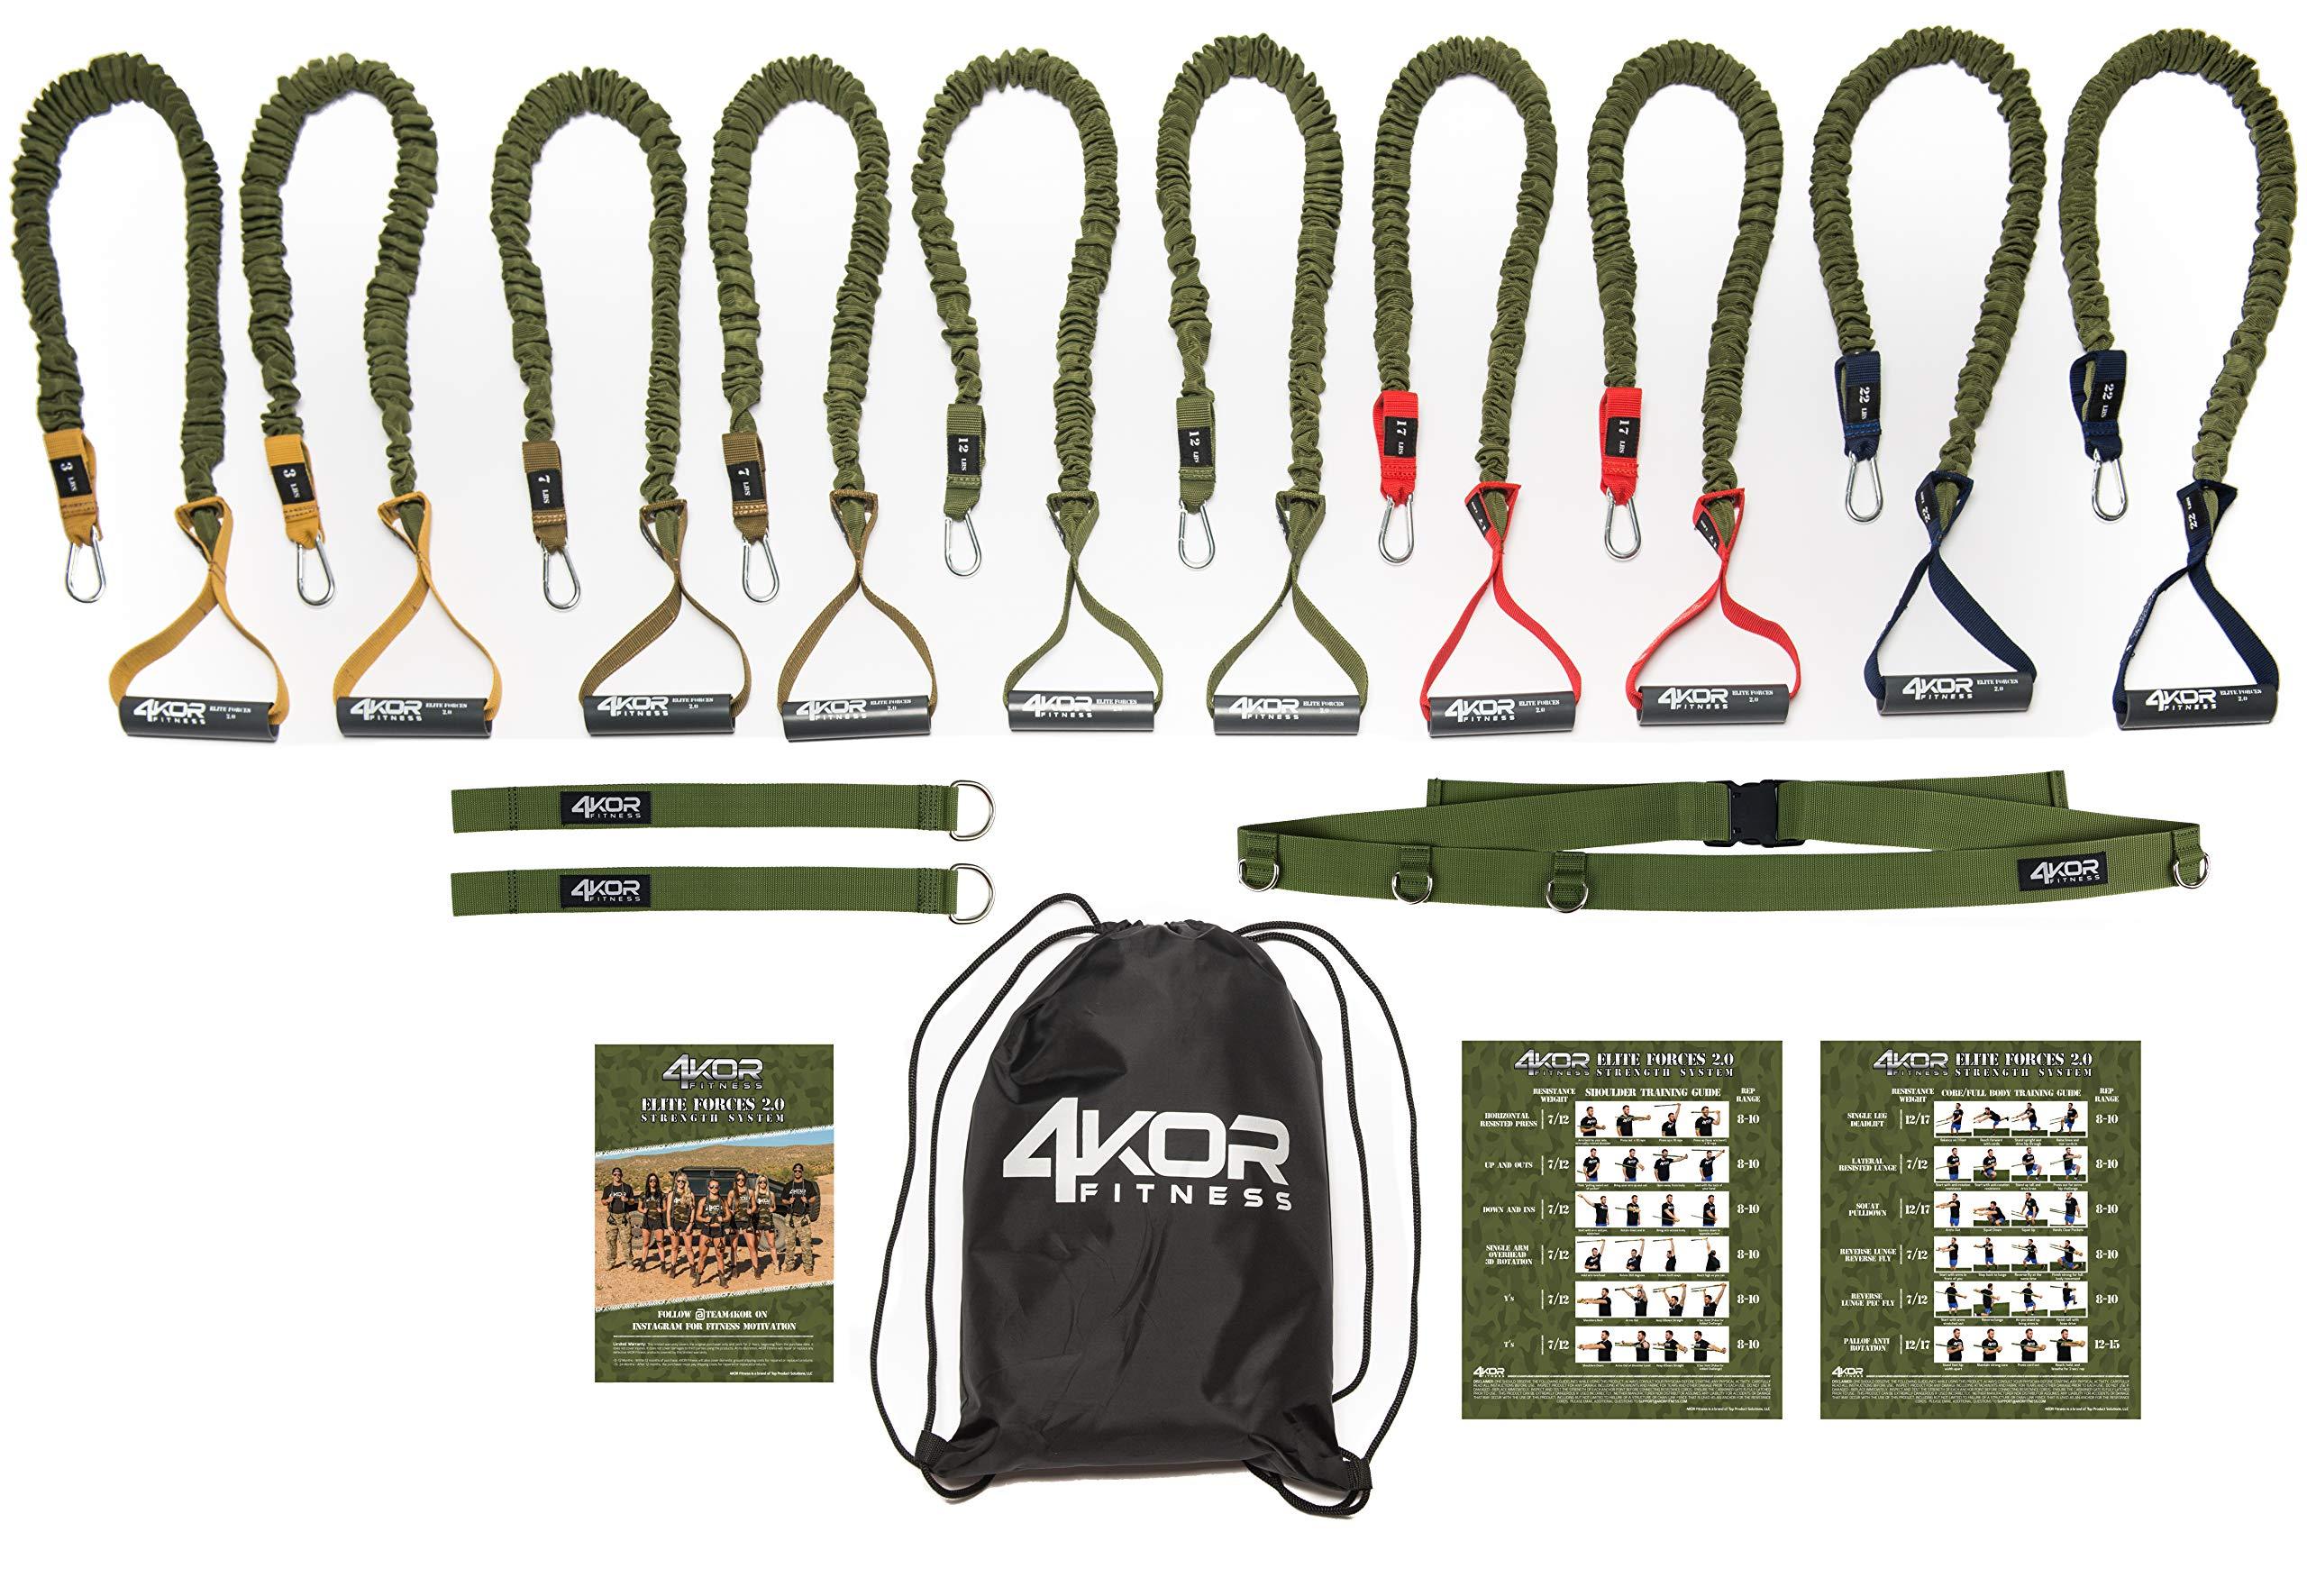 4KOR Elite Forces 2.0 (5 Levels w/Door Strap) by 4KOR Fitness (Image #1)